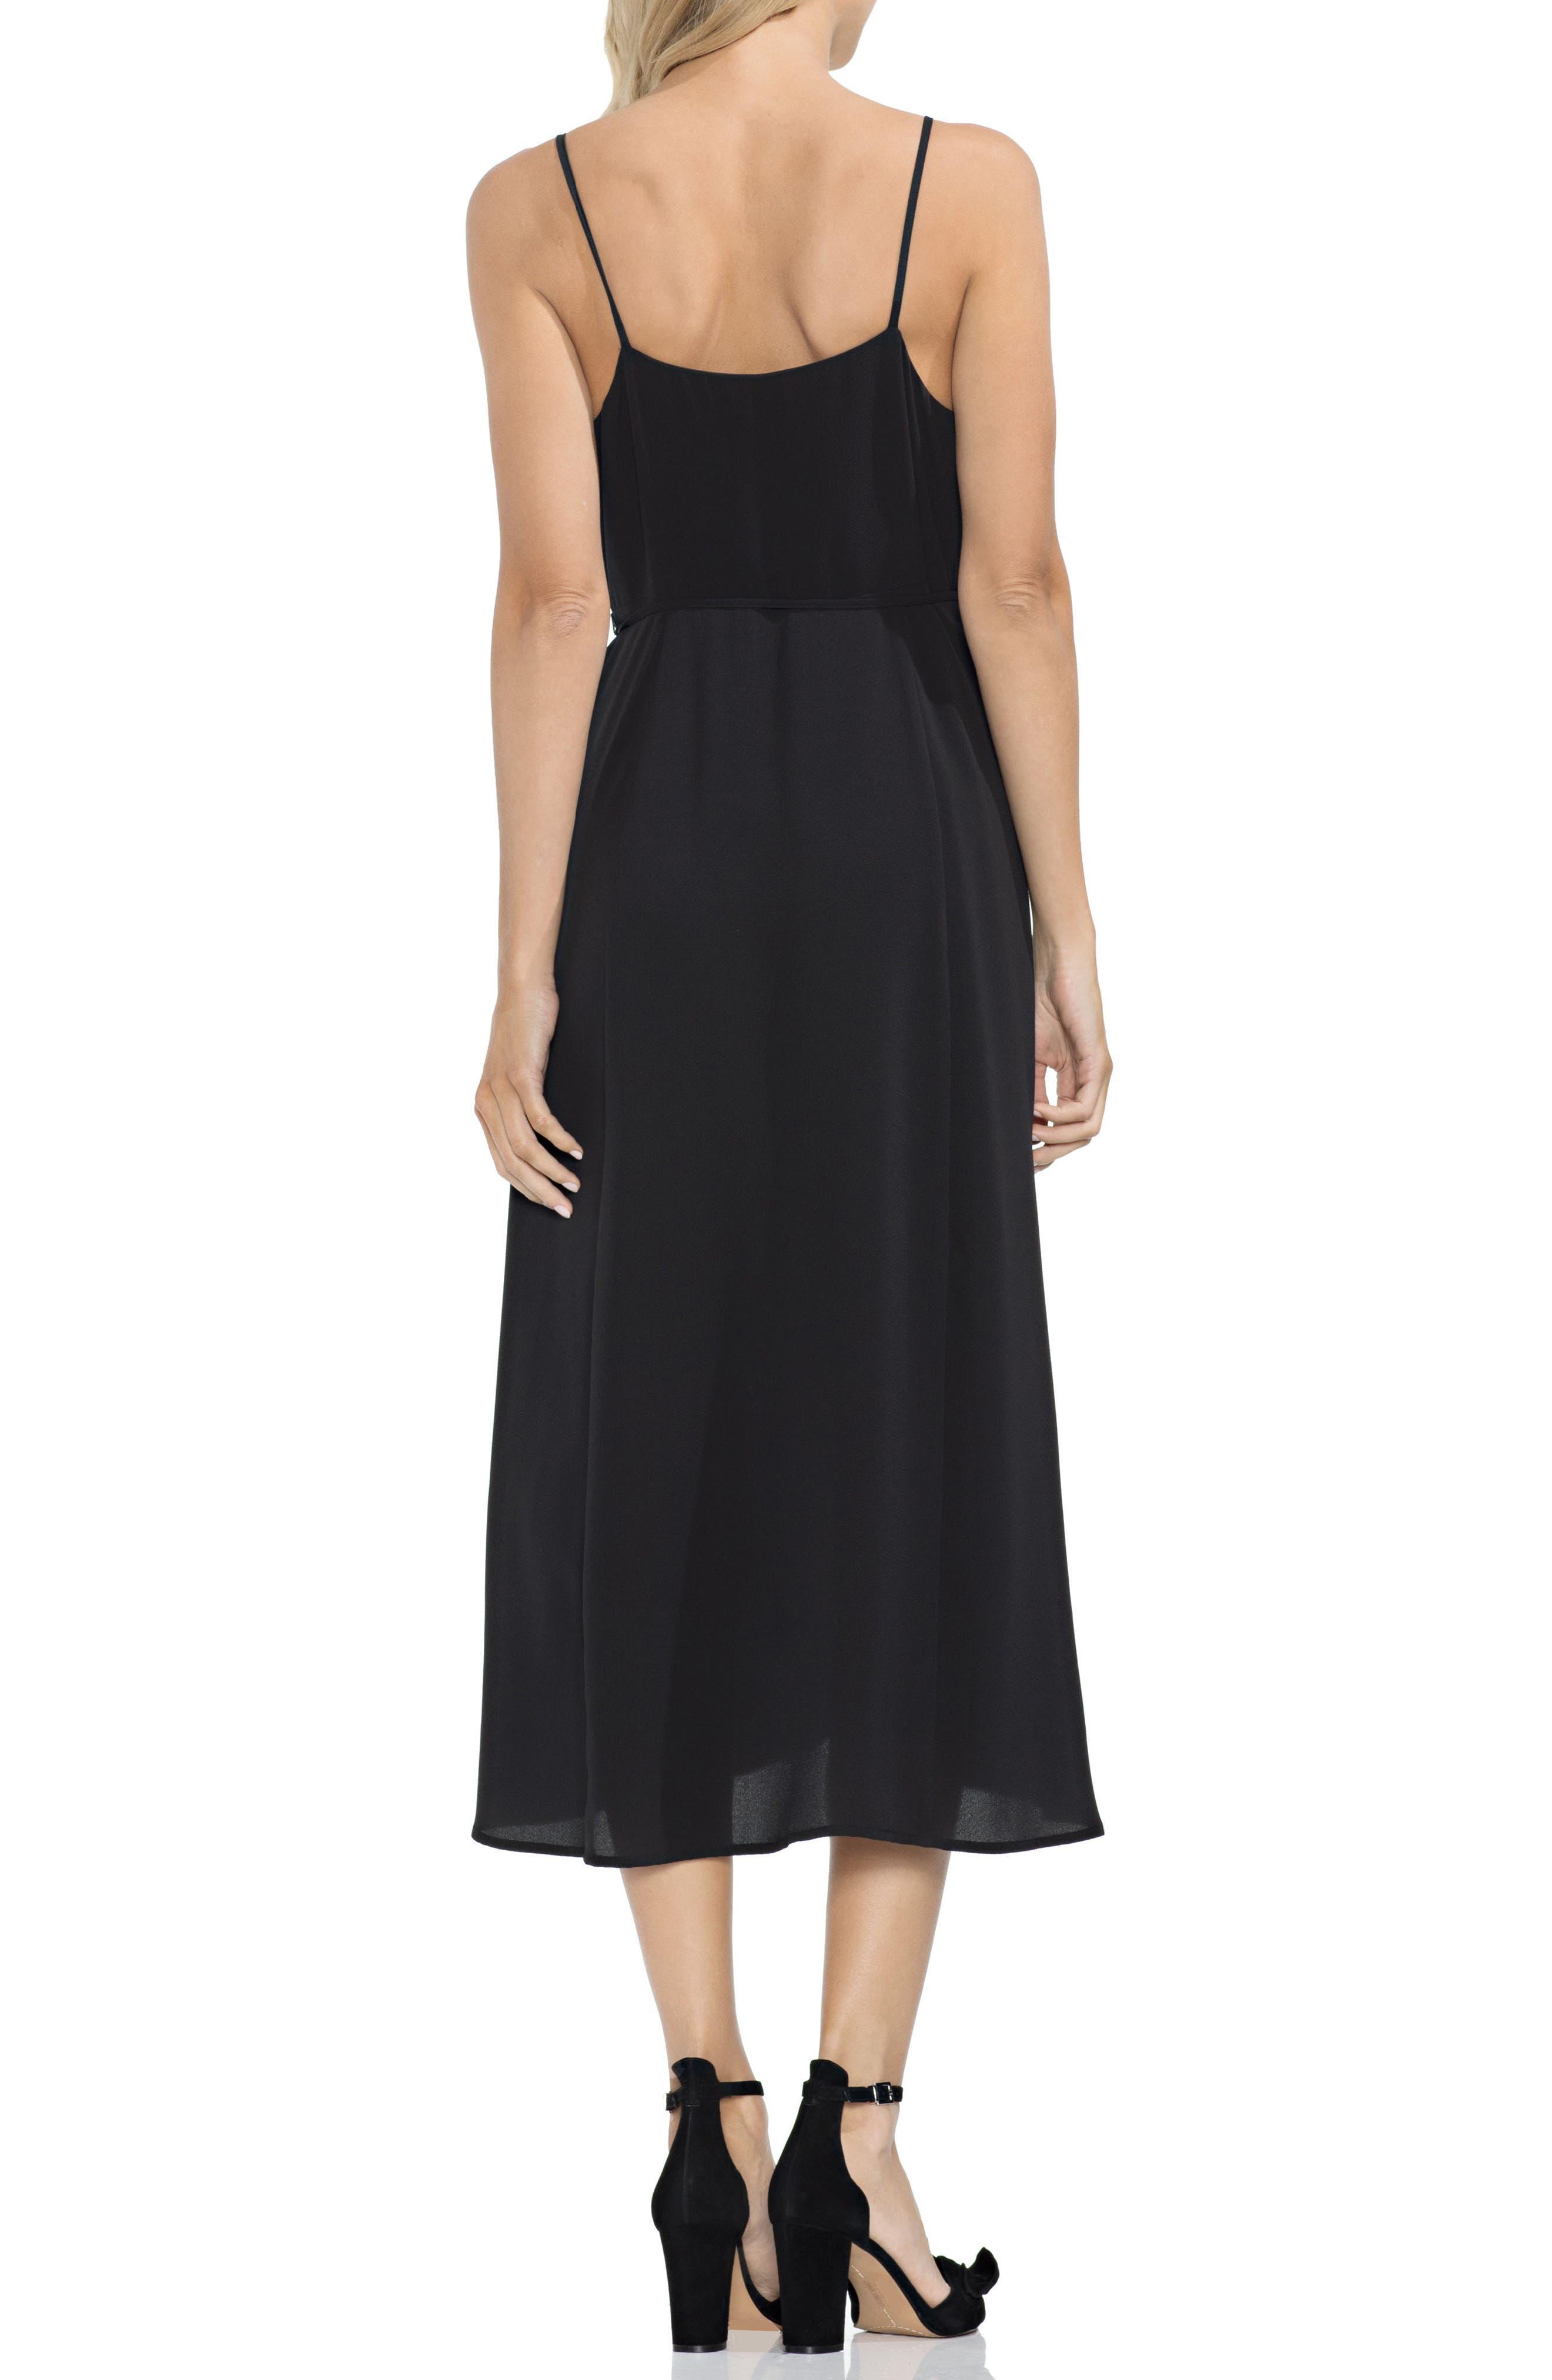 VINCE CAMUTO,                             Soft Texture Faux Wrap Midi Dress,                             Alternate thumbnail 2, color,                             001